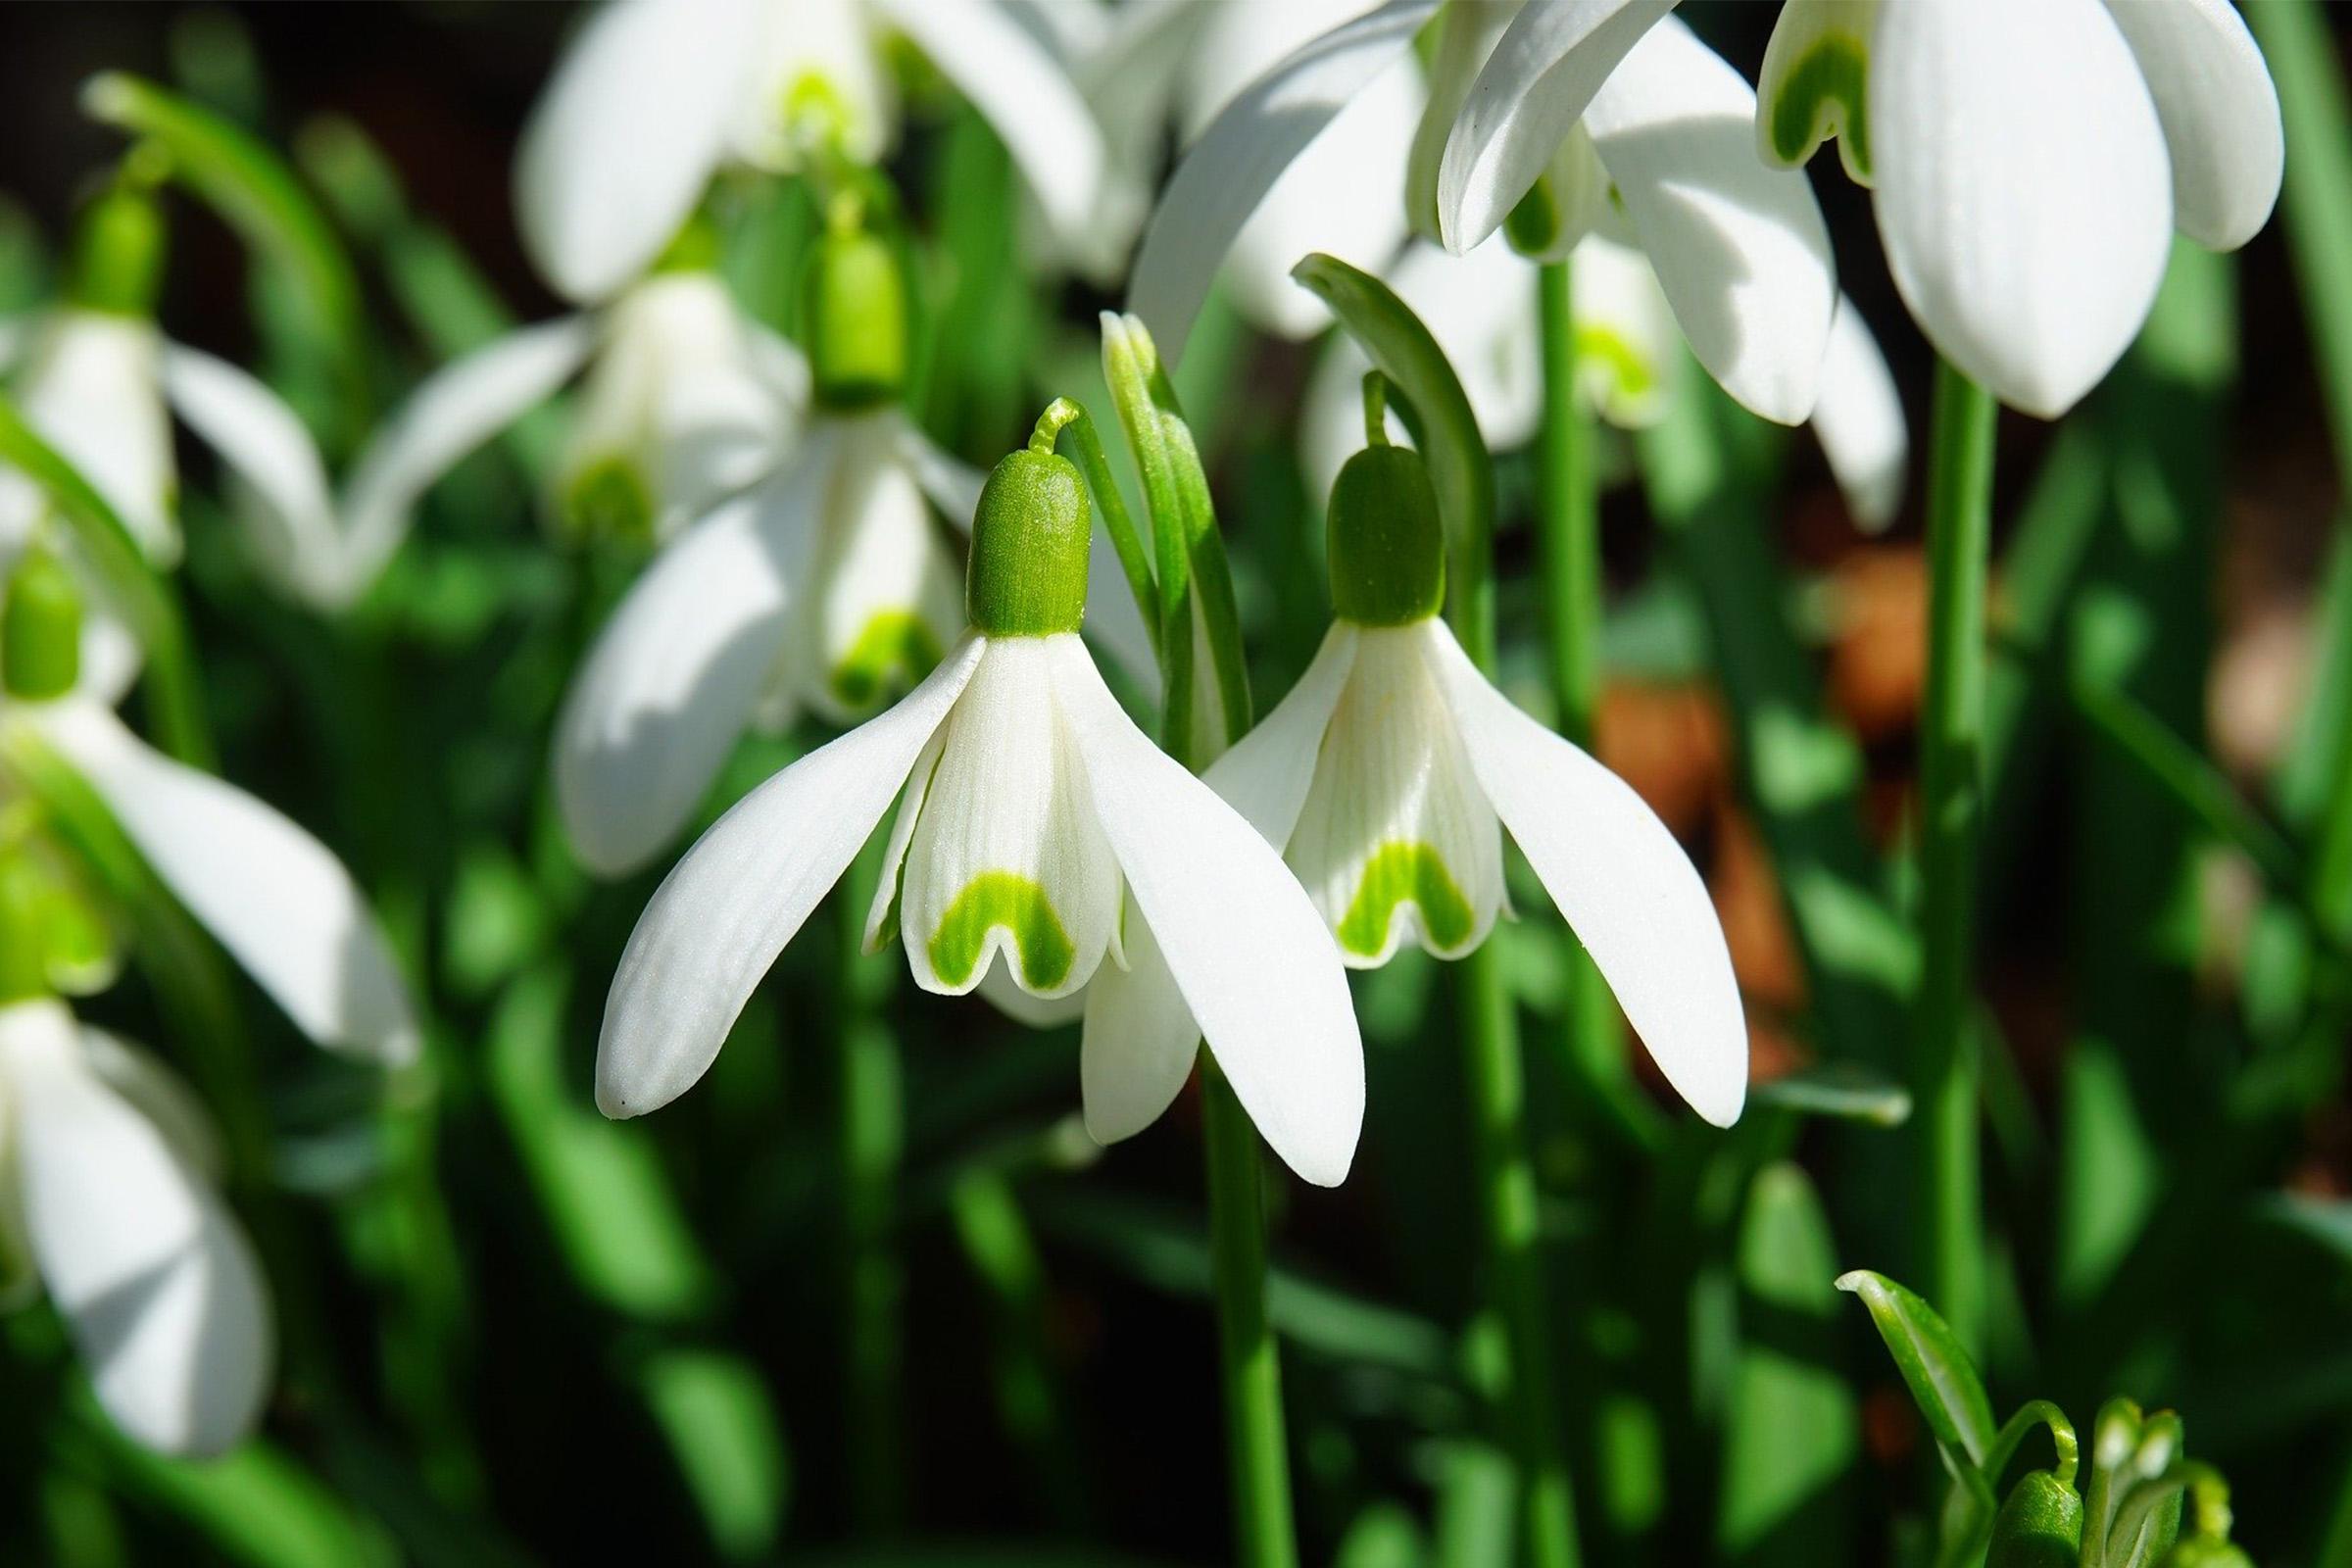 photo of snowdrop flower